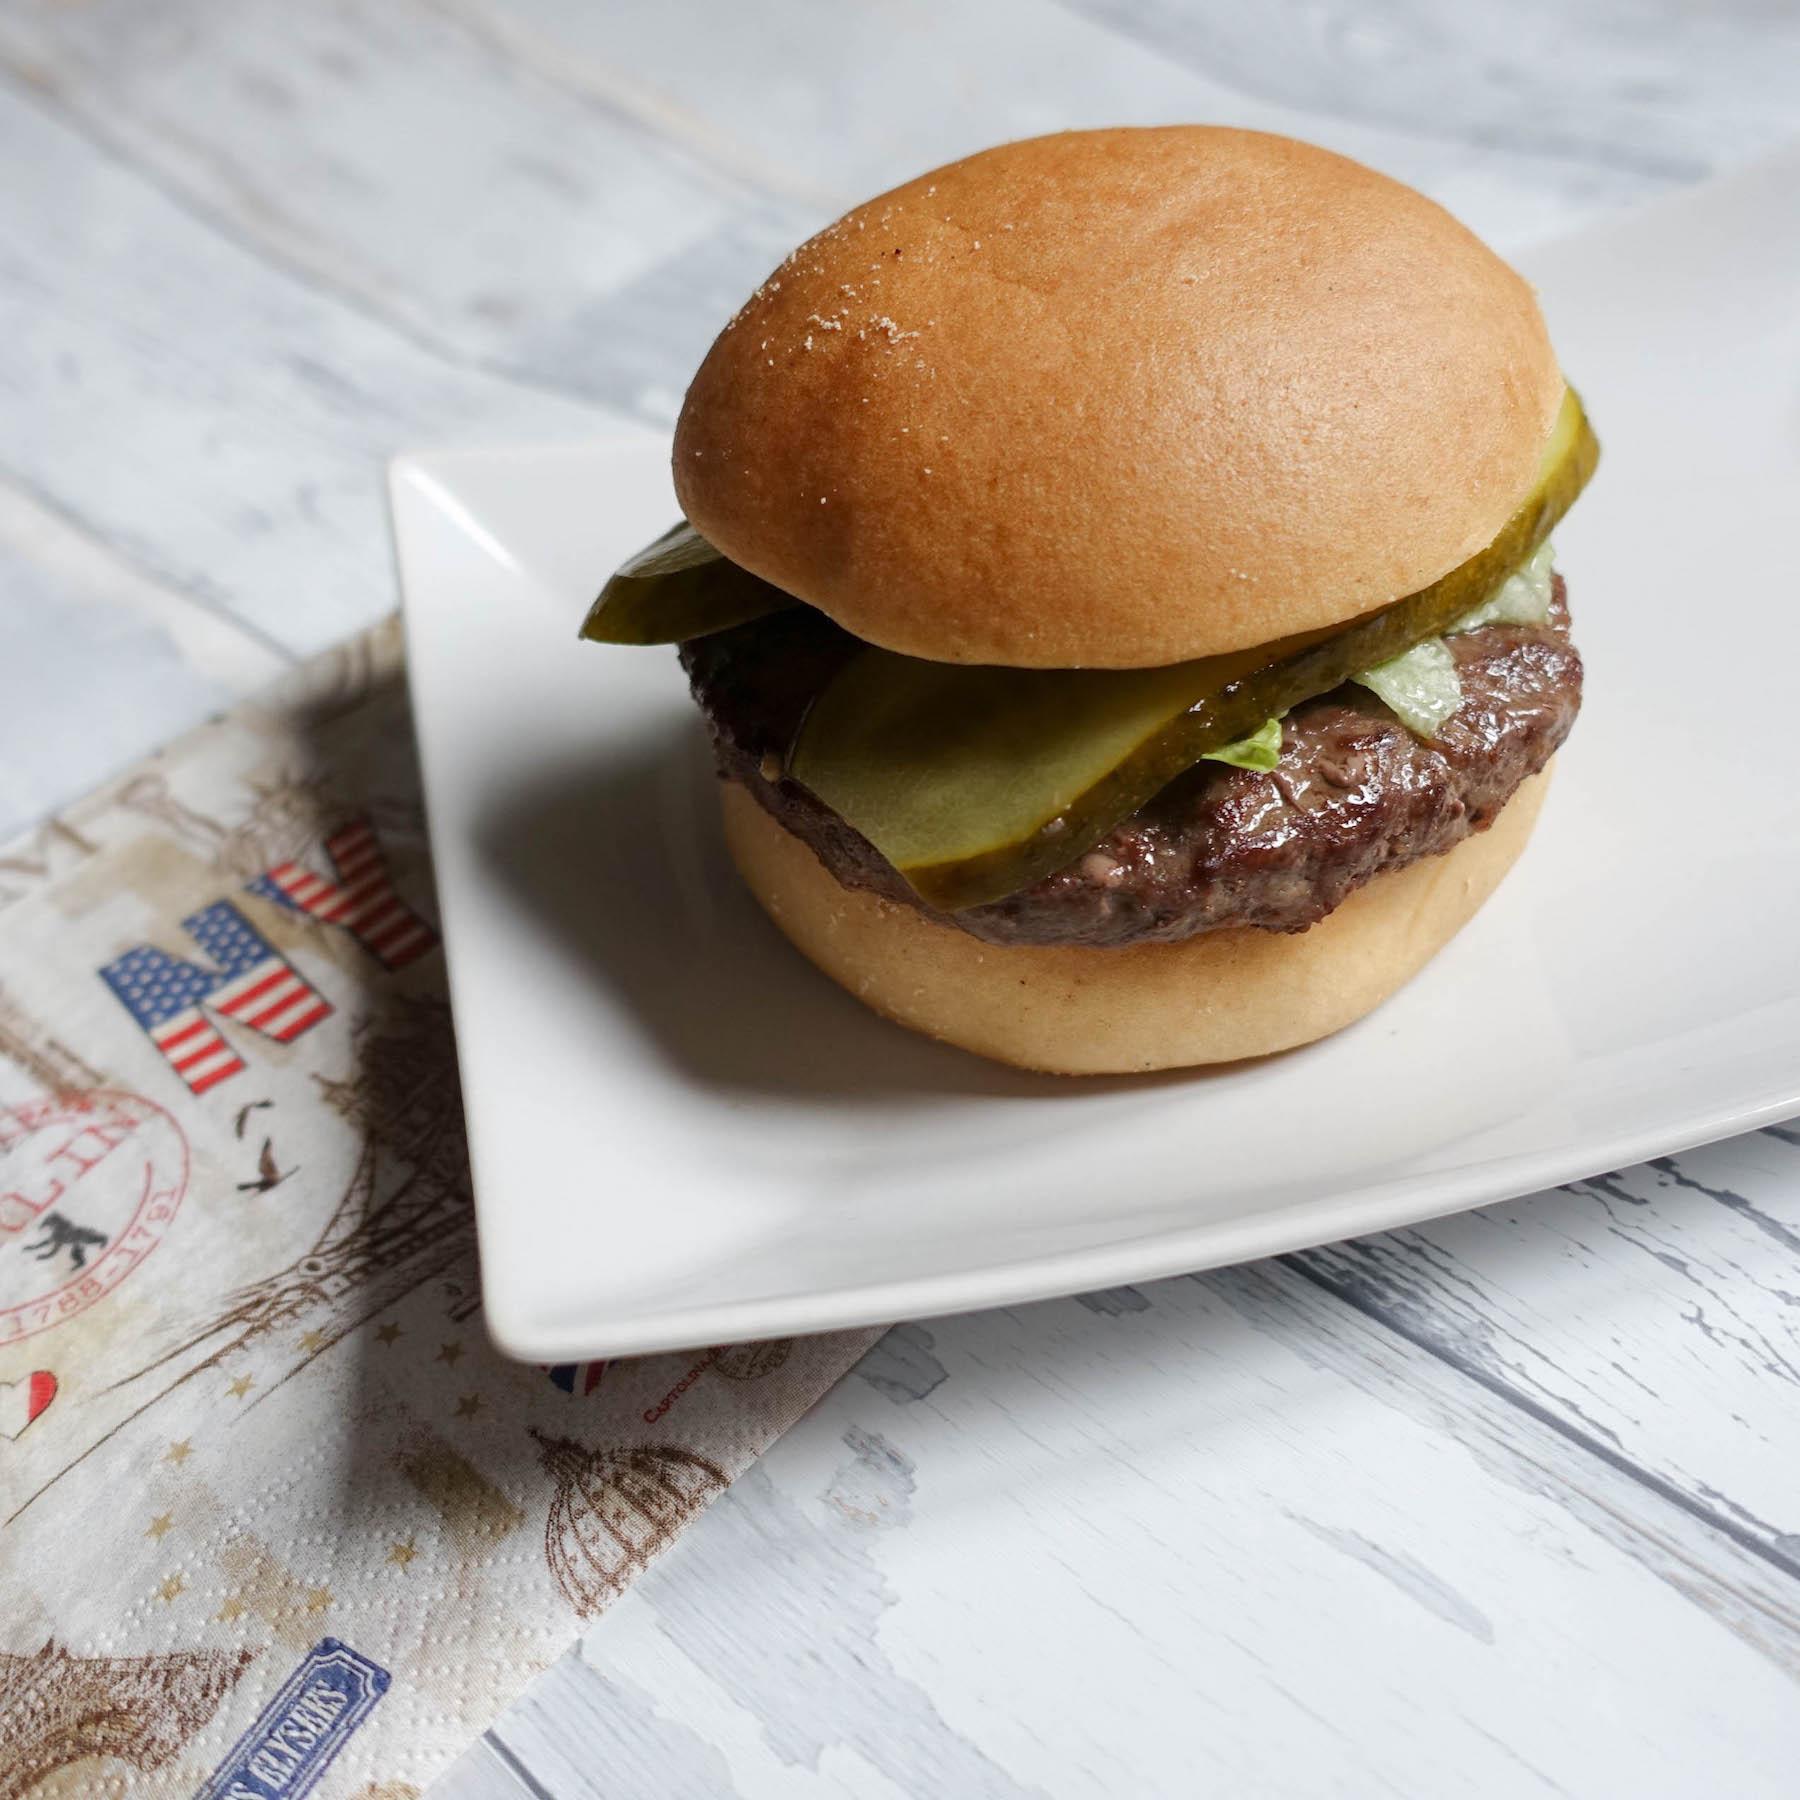 selber burger machen latest portobello rohkost palmkohl. Black Bedroom Furniture Sets. Home Design Ideas